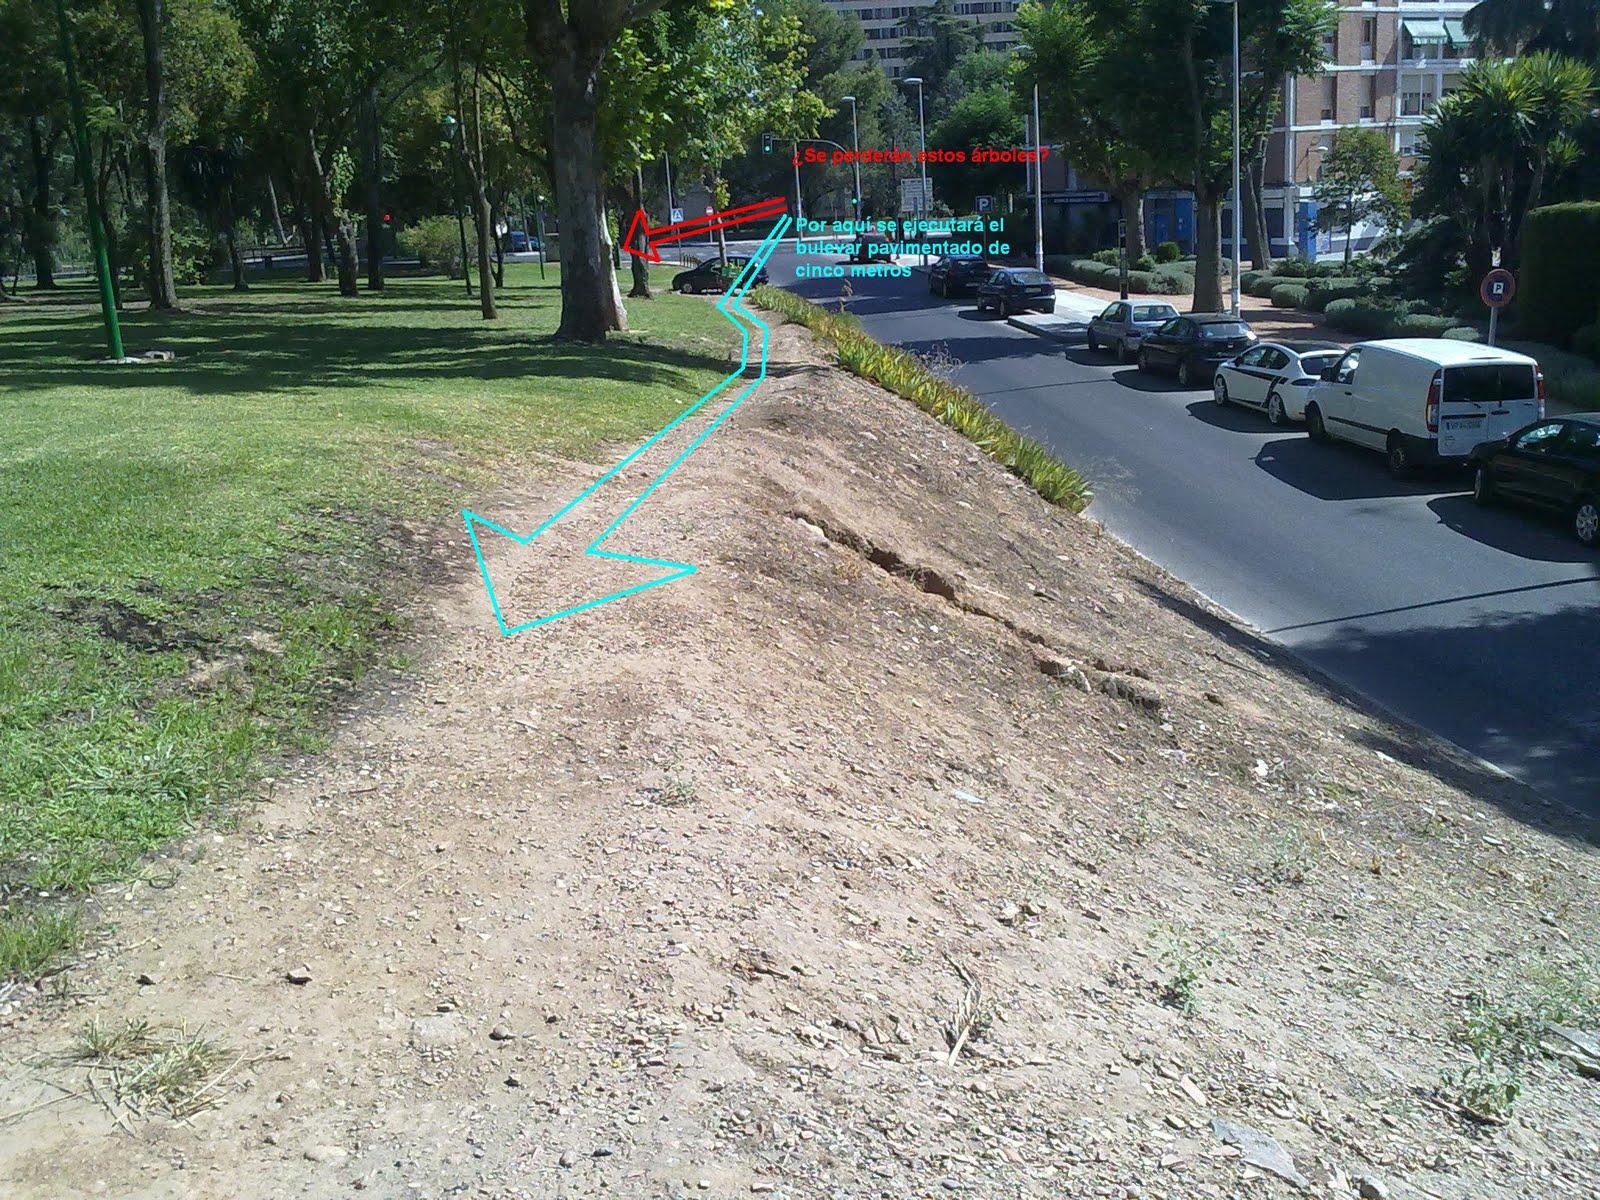 Circuito Parque Cruz Conde Cordoba : Salvemos el parque los nuevos aparcamientos y bulevar